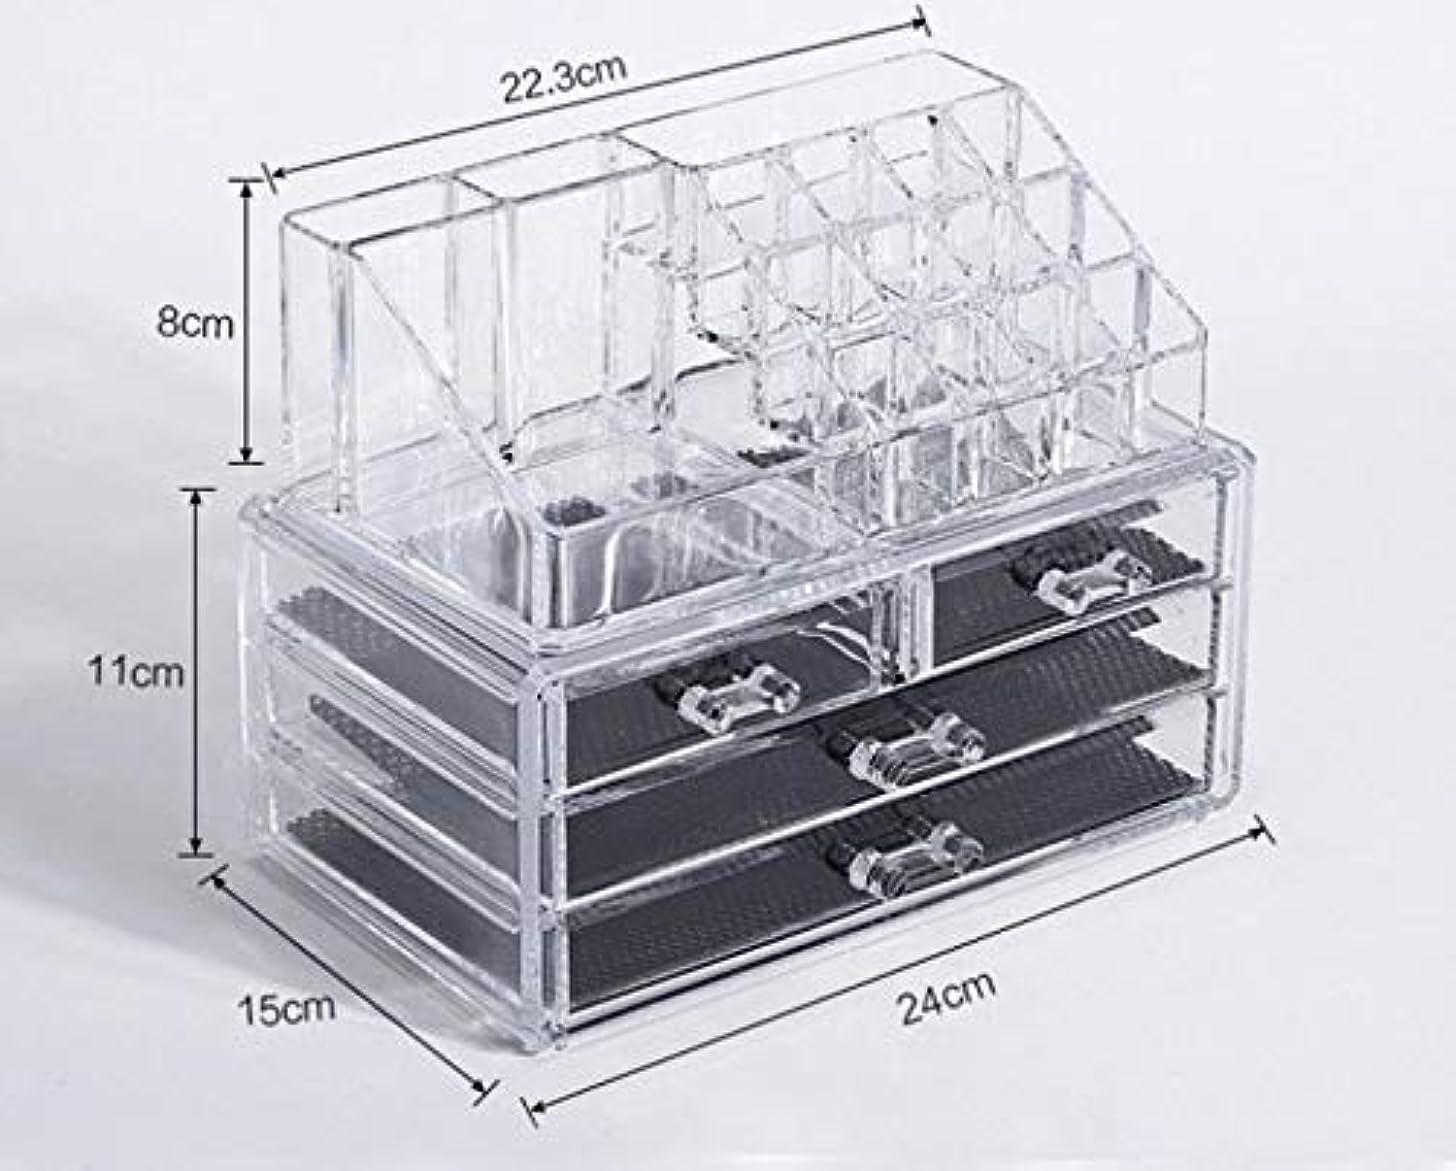 牧師司教禁止する化粧品収納ボックス メイクボックス 化粧品 収納 ニオイなし 騒音なし 防塵 高透明度 強い耐久性